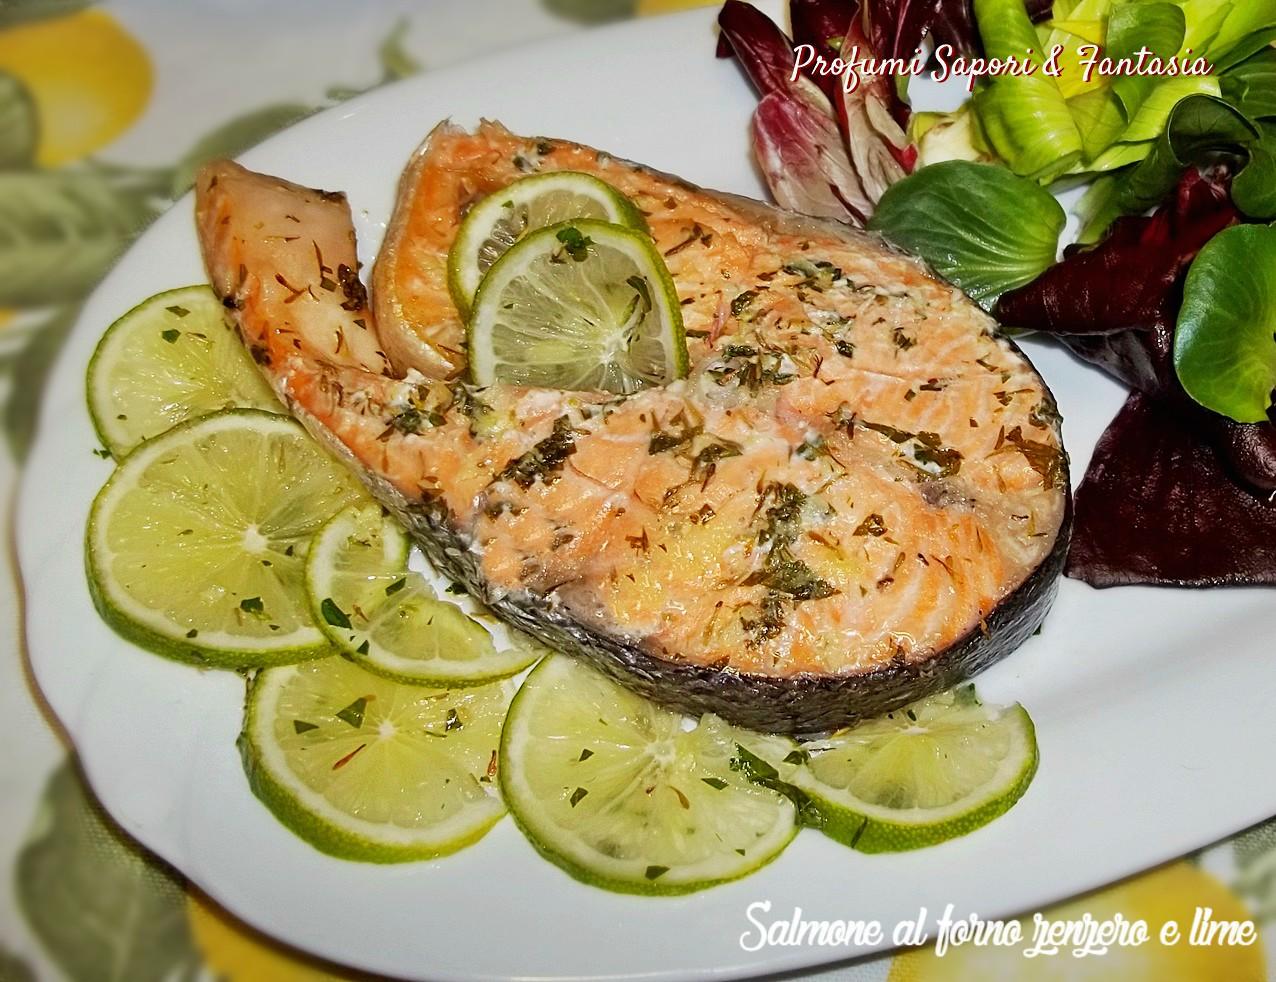 Salmone al forno zenzero e lime   Profumi Sapori & Fantasia